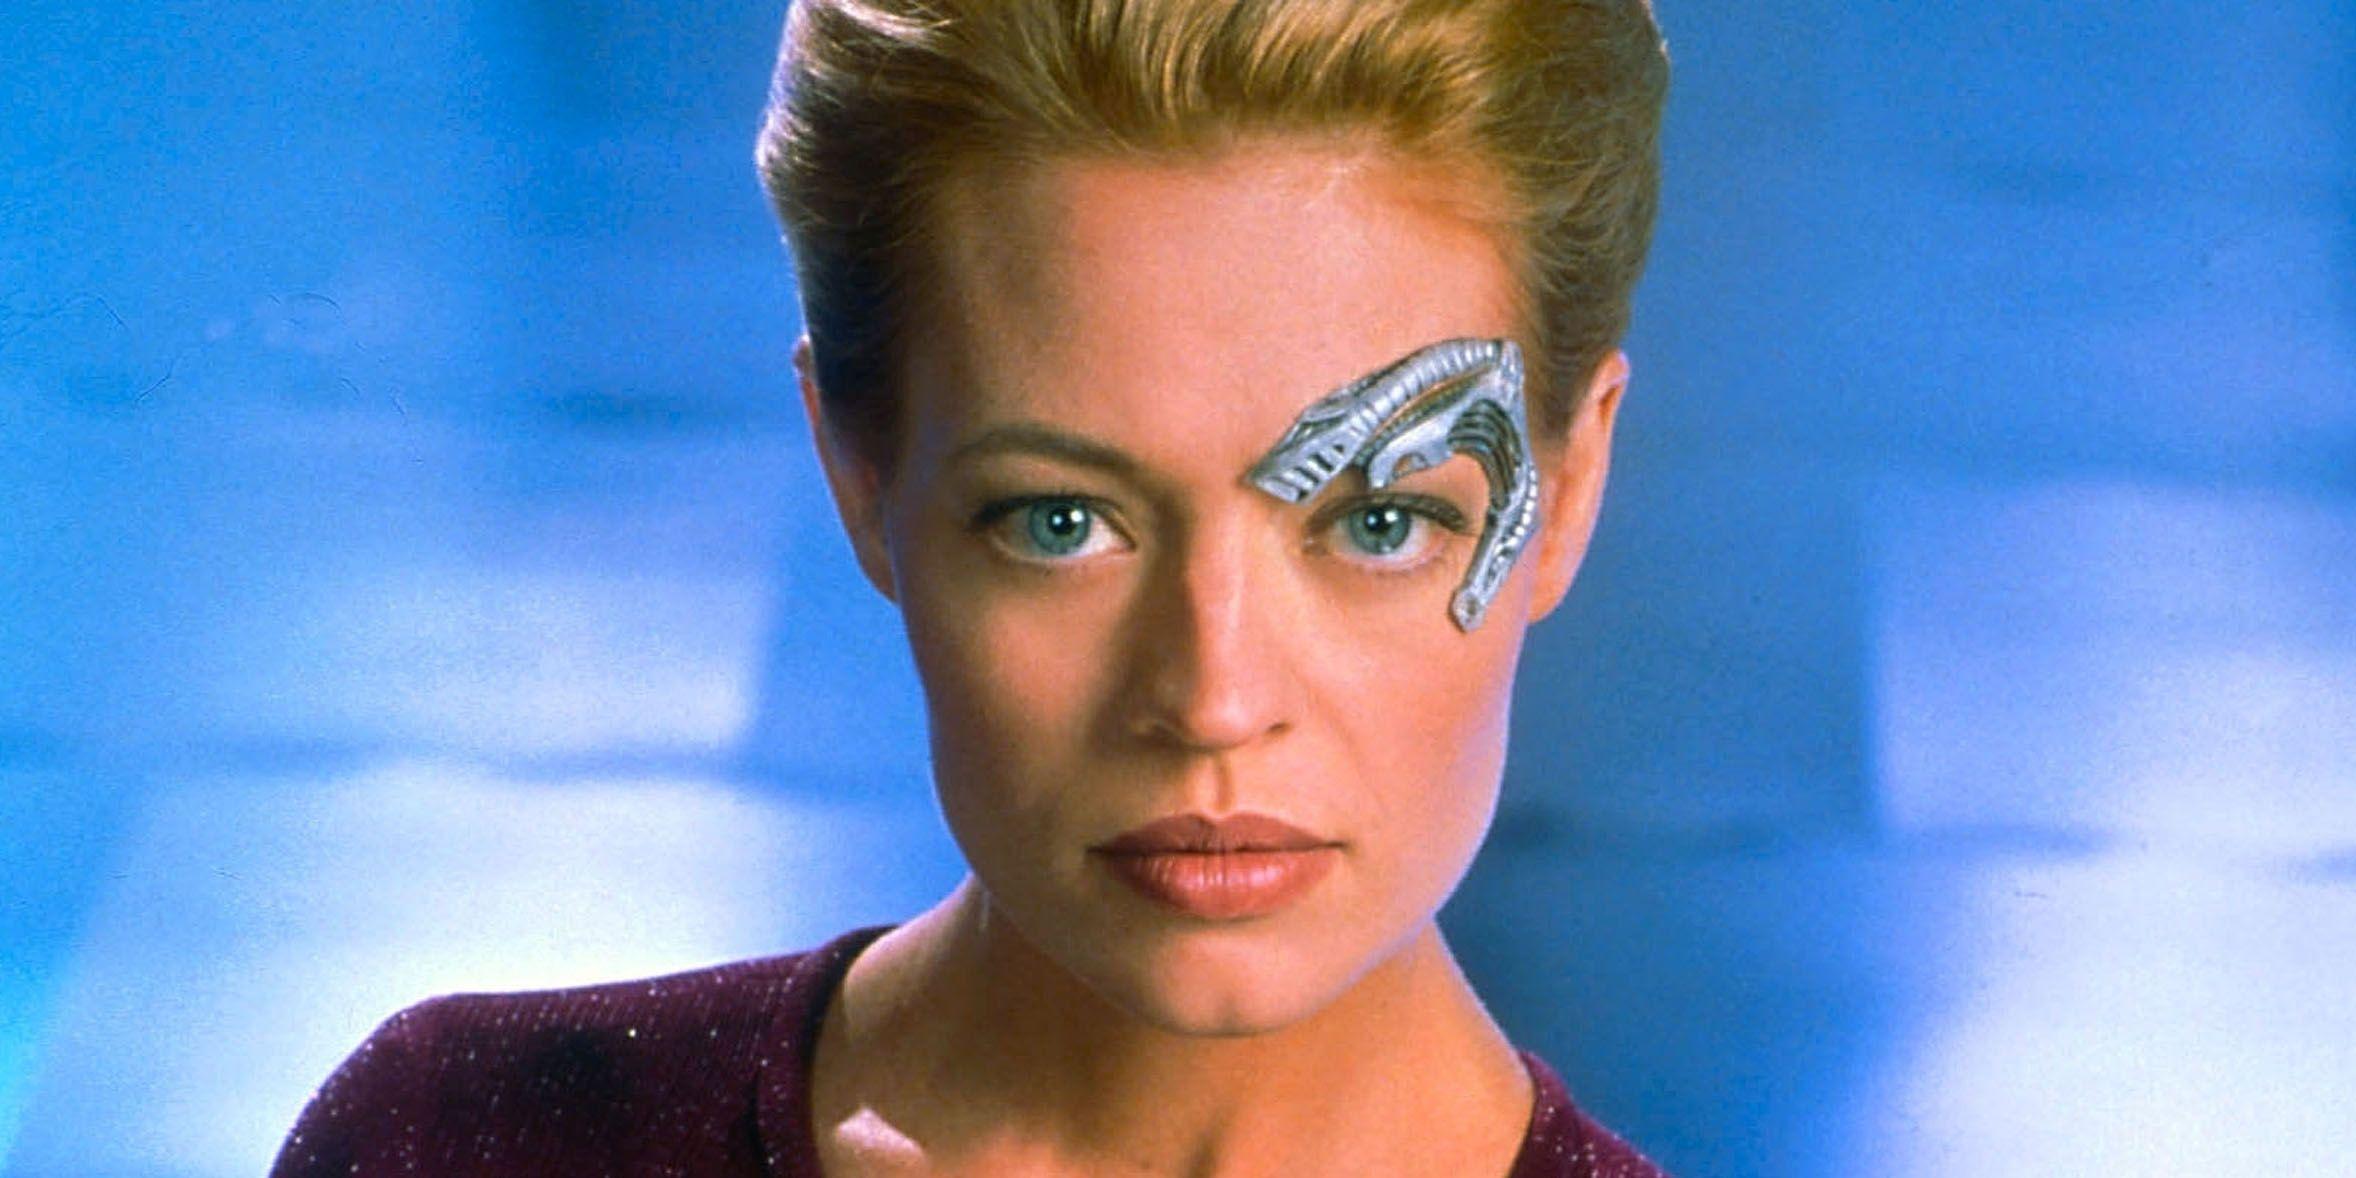 Star Trek: 20 Wildest Things Seven Of Nine Did Before Voyager